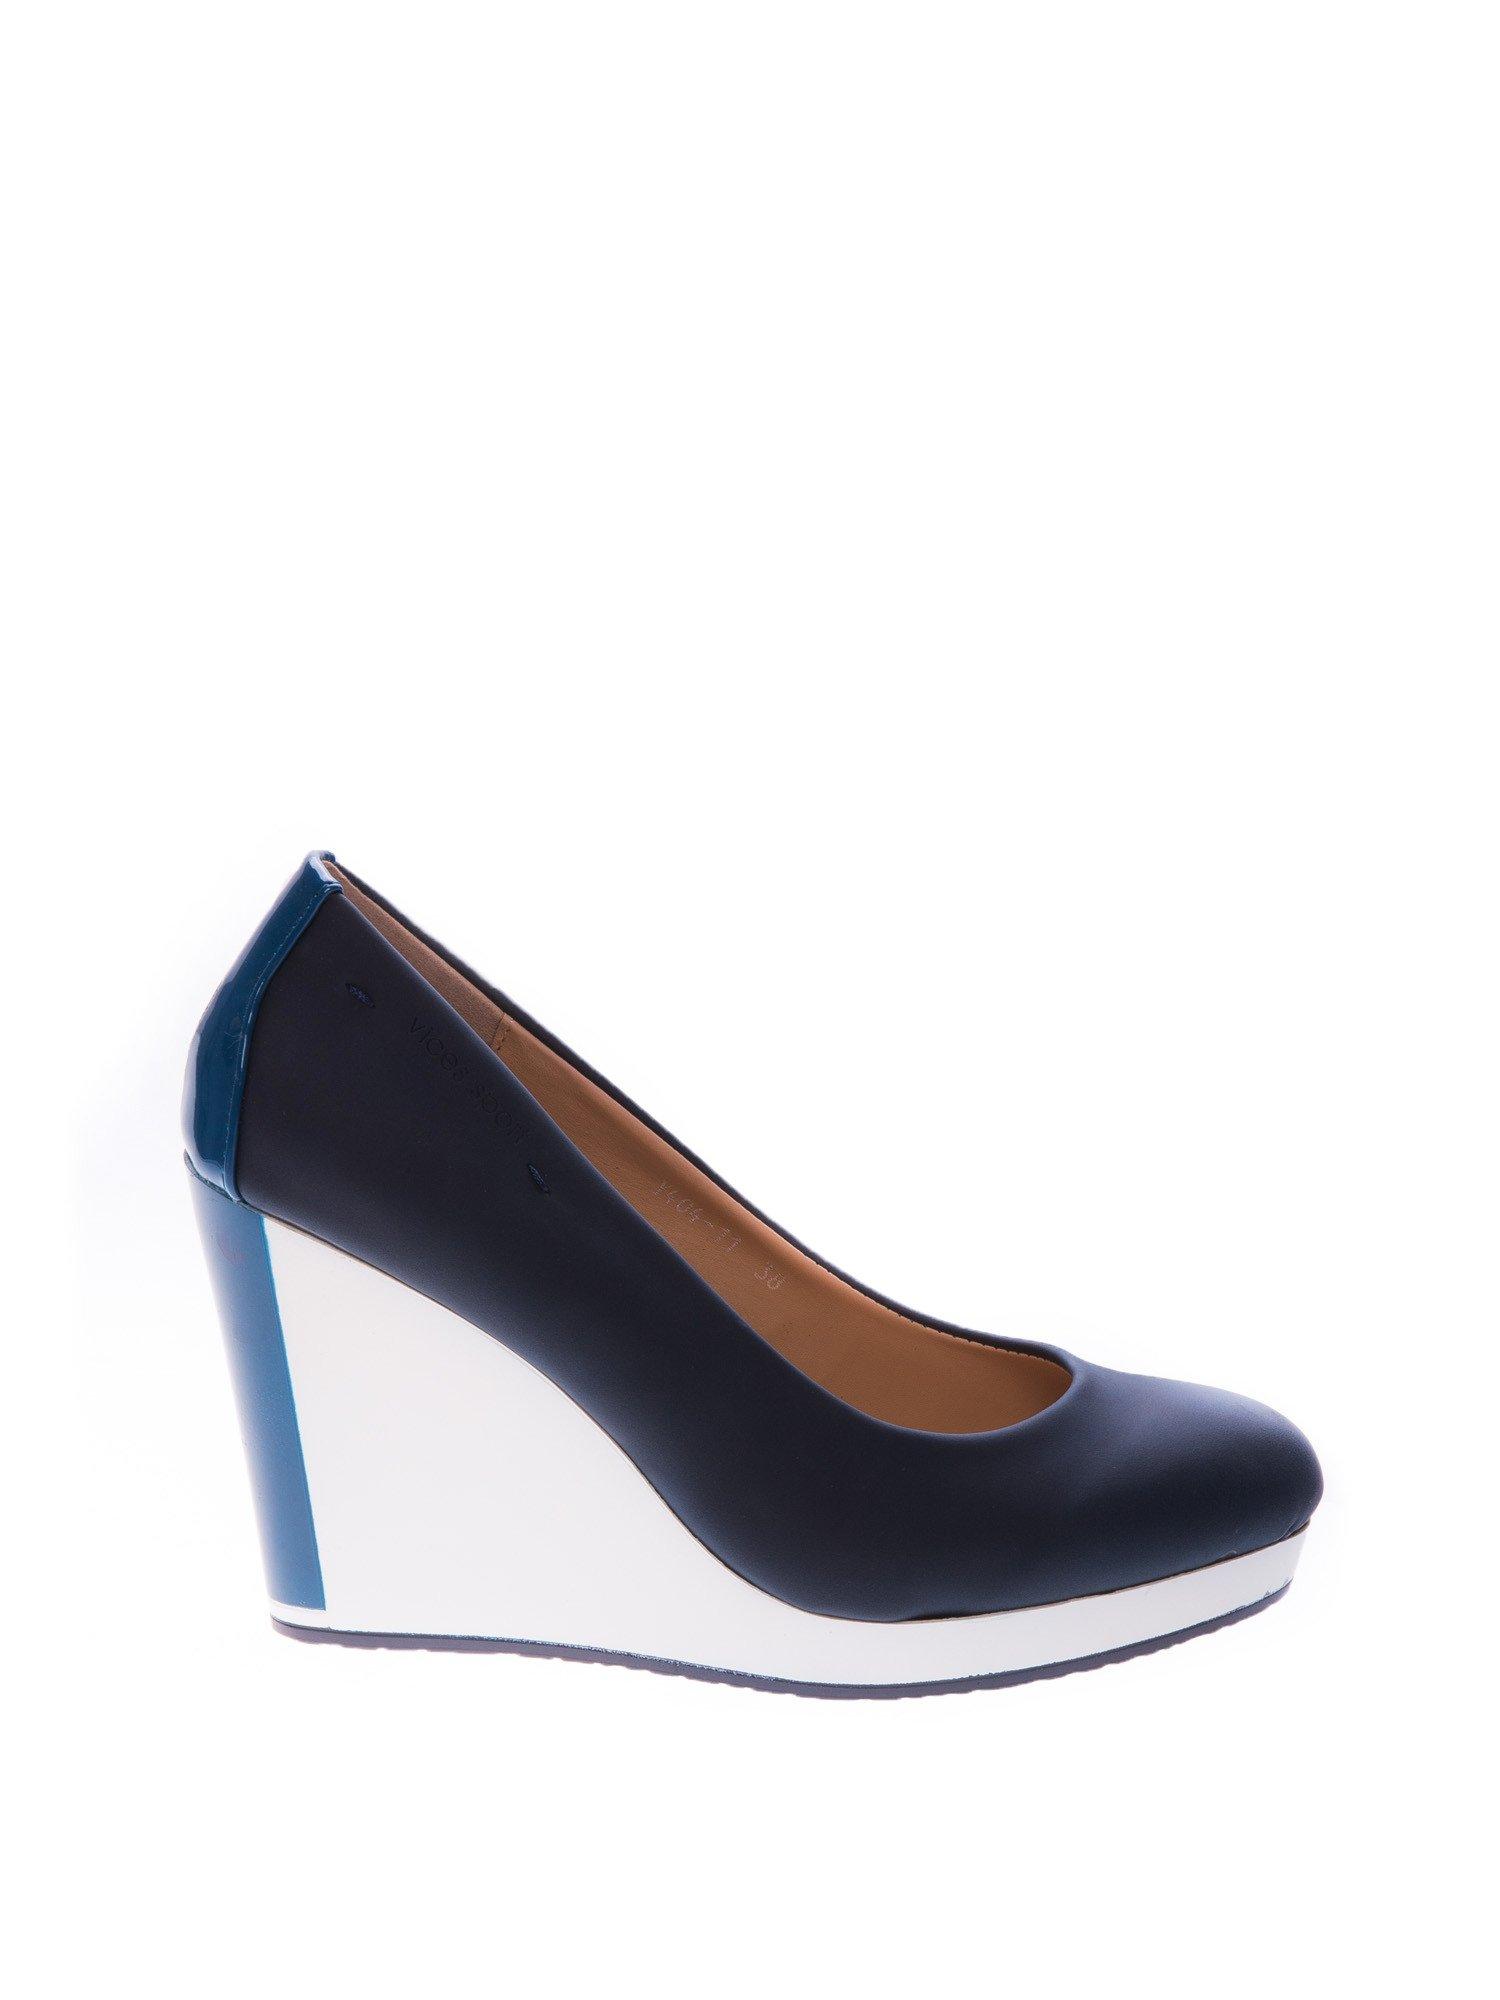 Granatowe buty na koturnie w sportowym stylu                                  zdj.                                  1